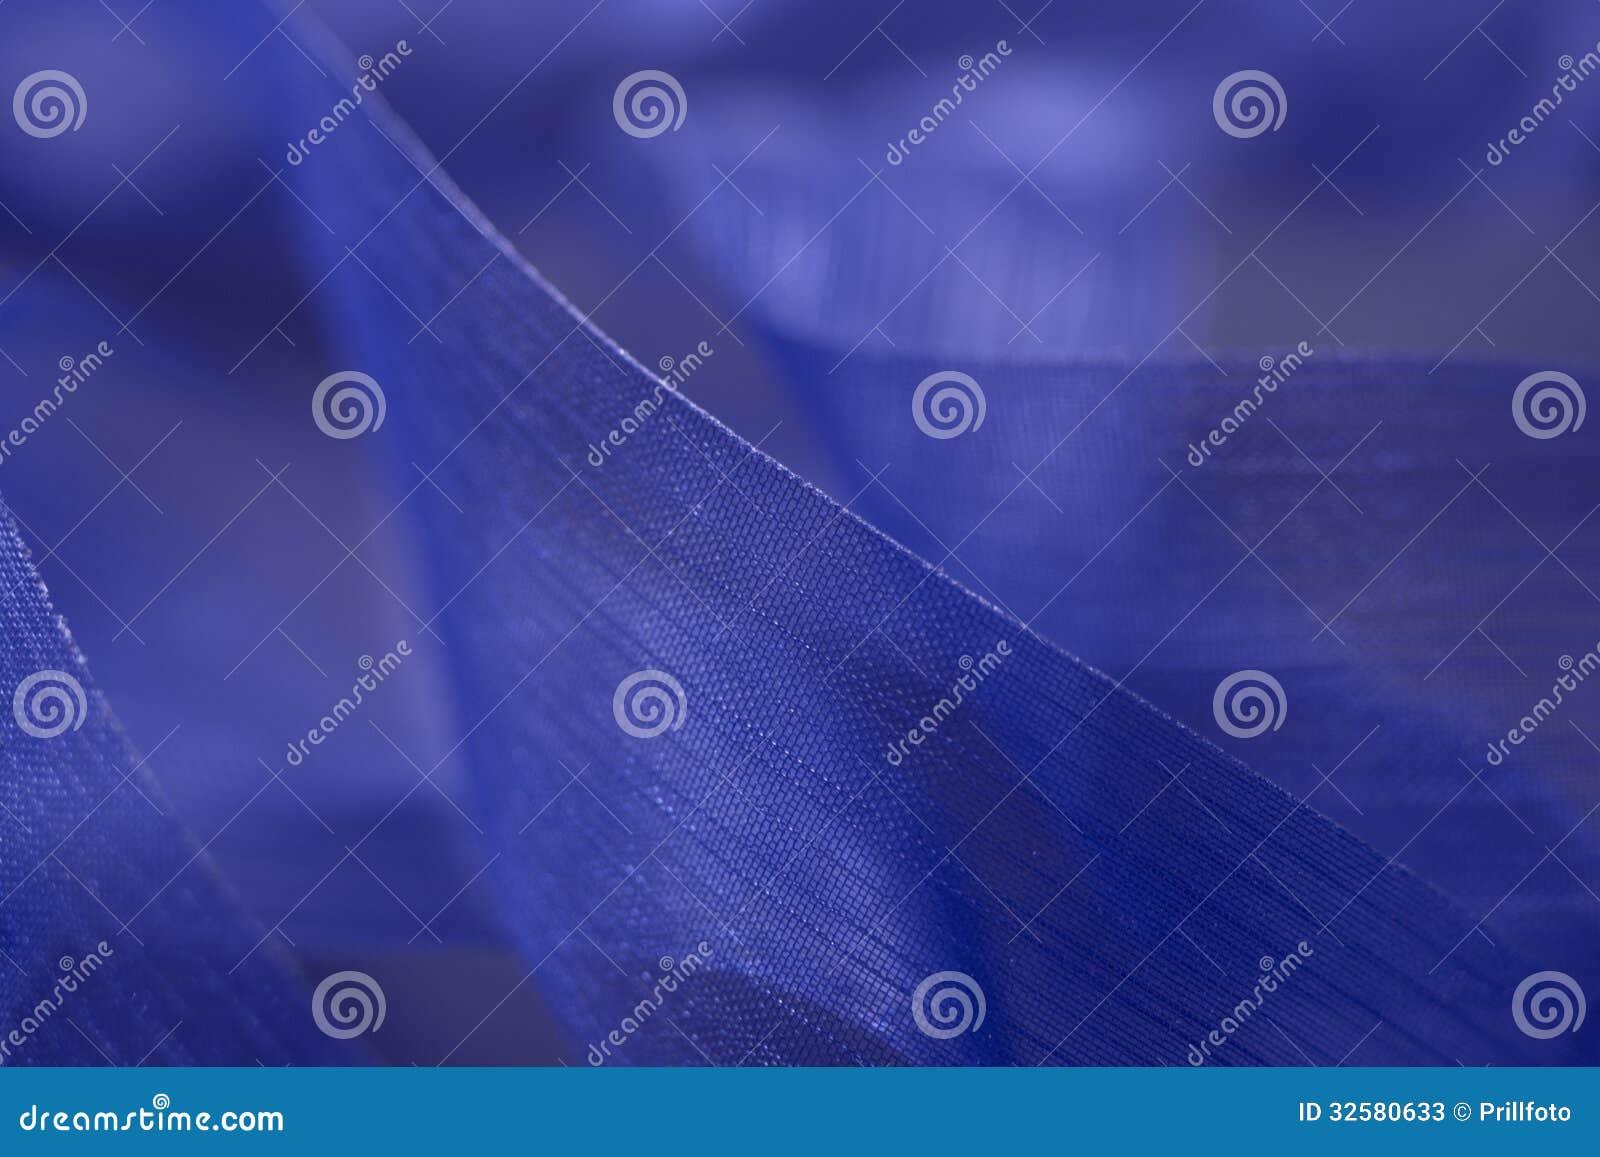 Błękitny filigree patka szczegół